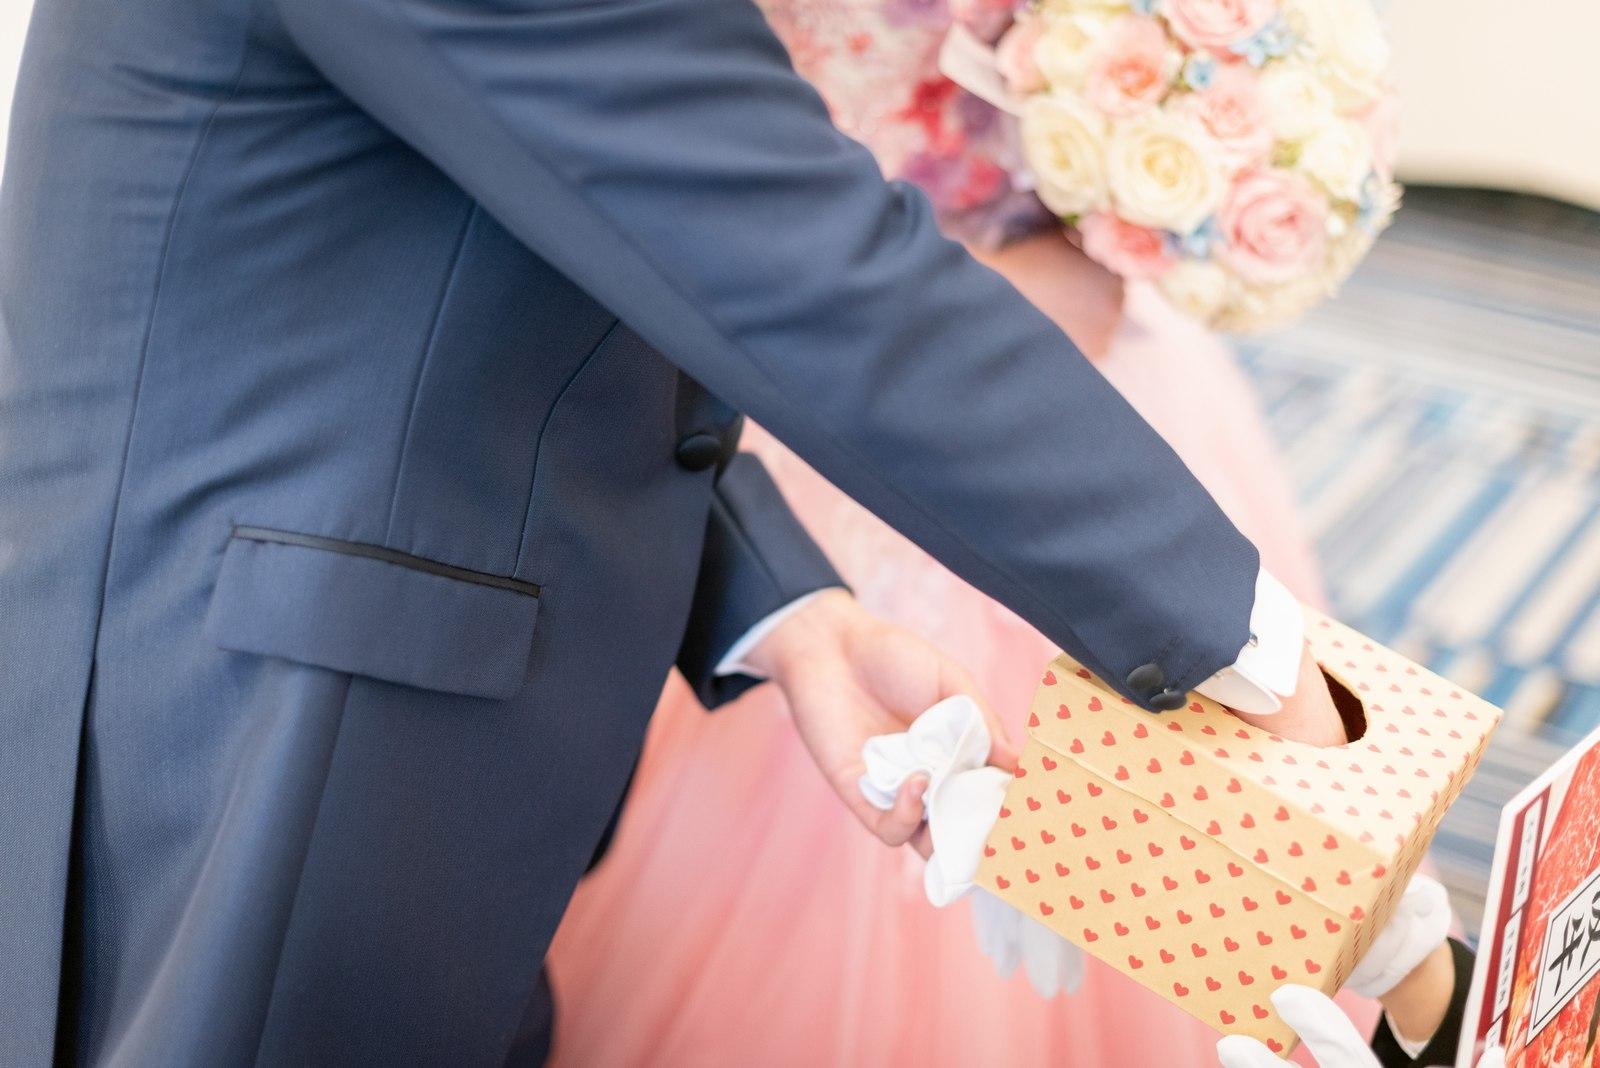 香川県の結婚式場のシェルエメール&アイスタイルのドレス色当てクイズ